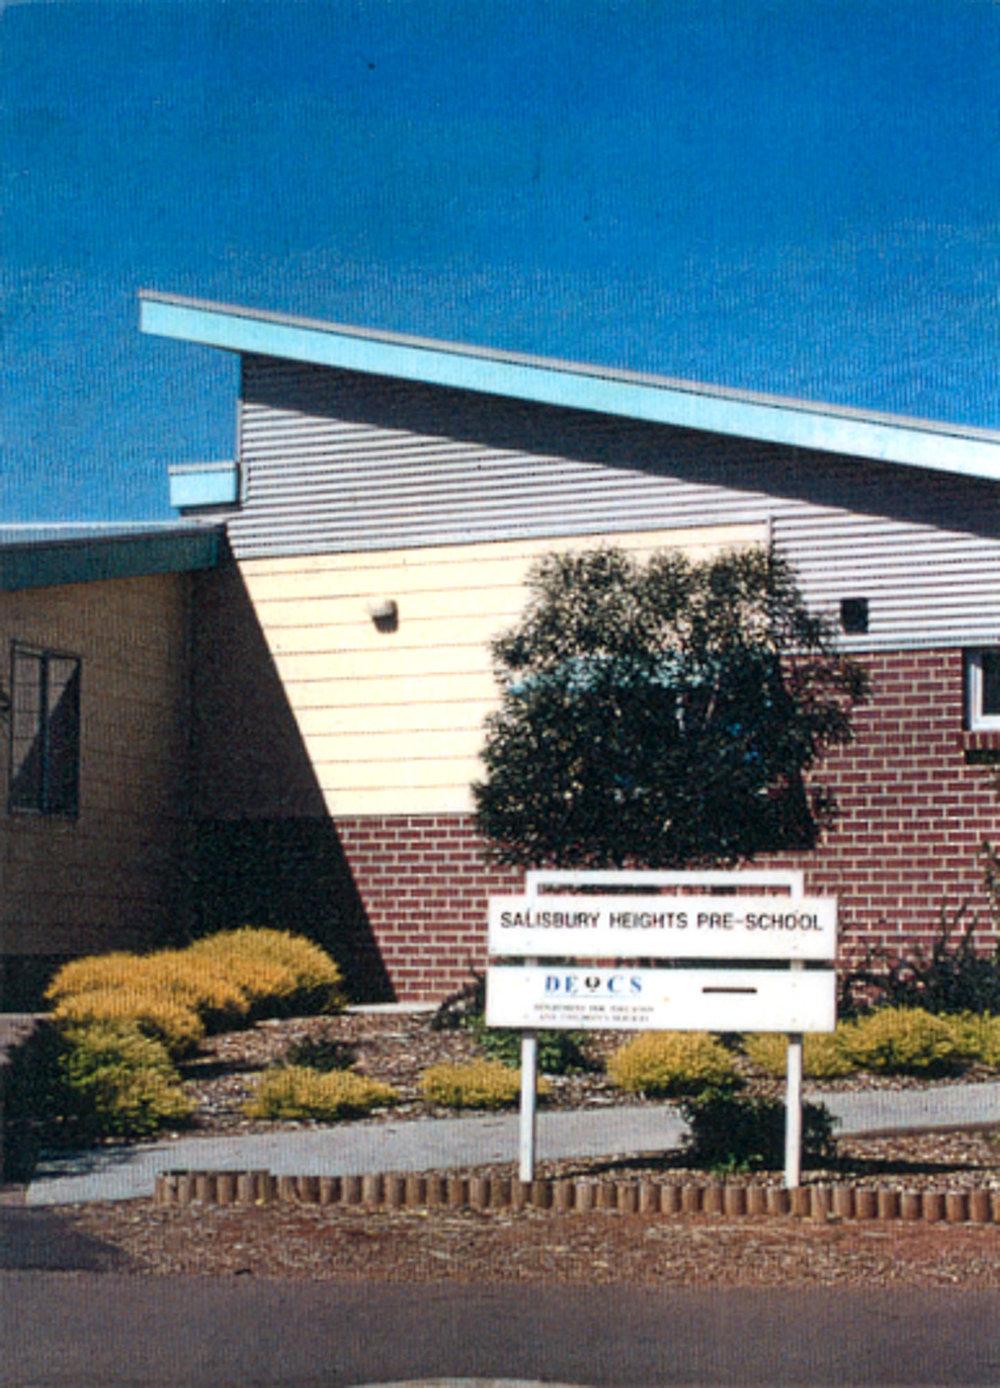 2000 - Salisbury Heights Pre-School